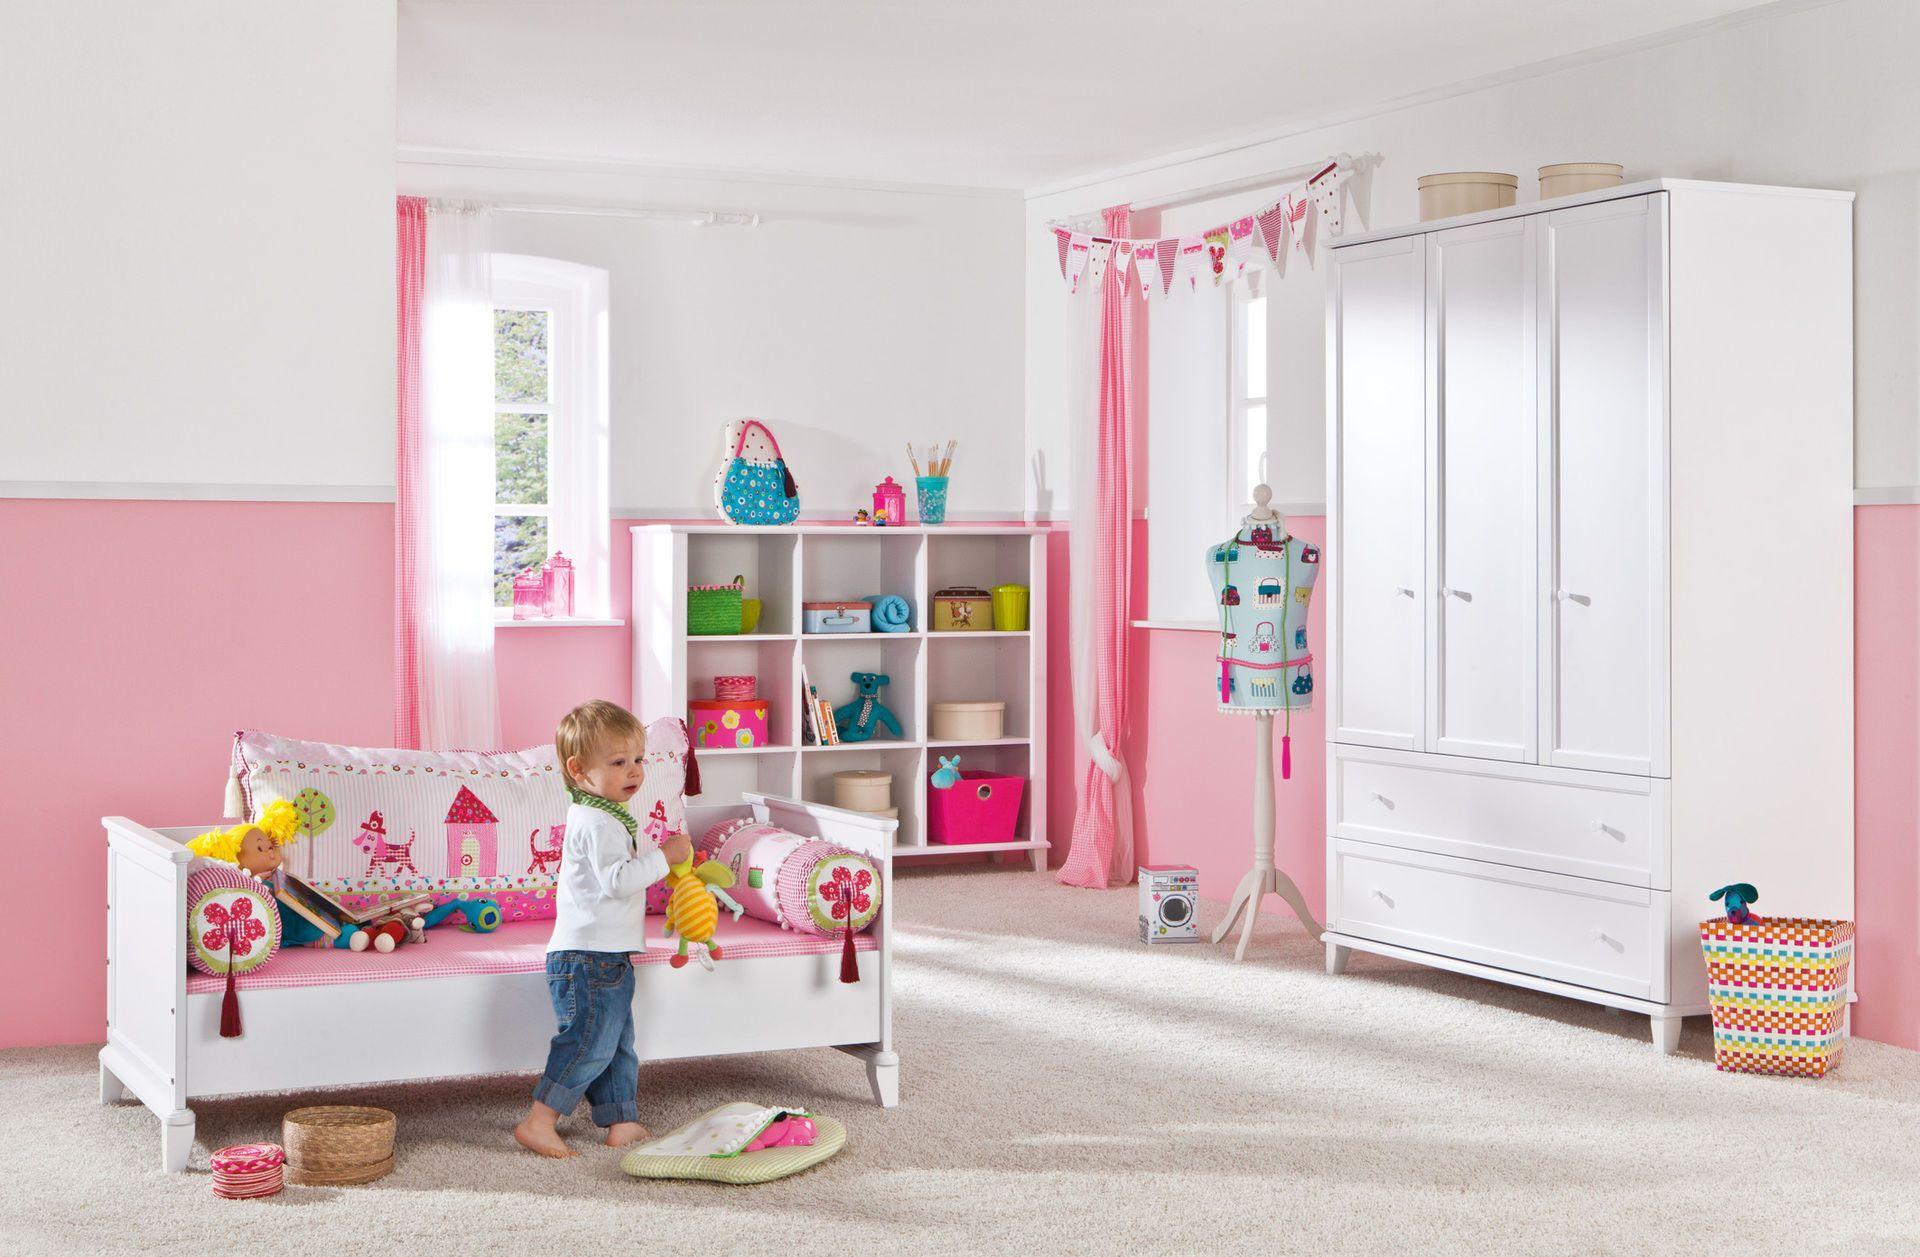 Kinderzimmer Zum Quotmitwachsenquot Bauemotionde